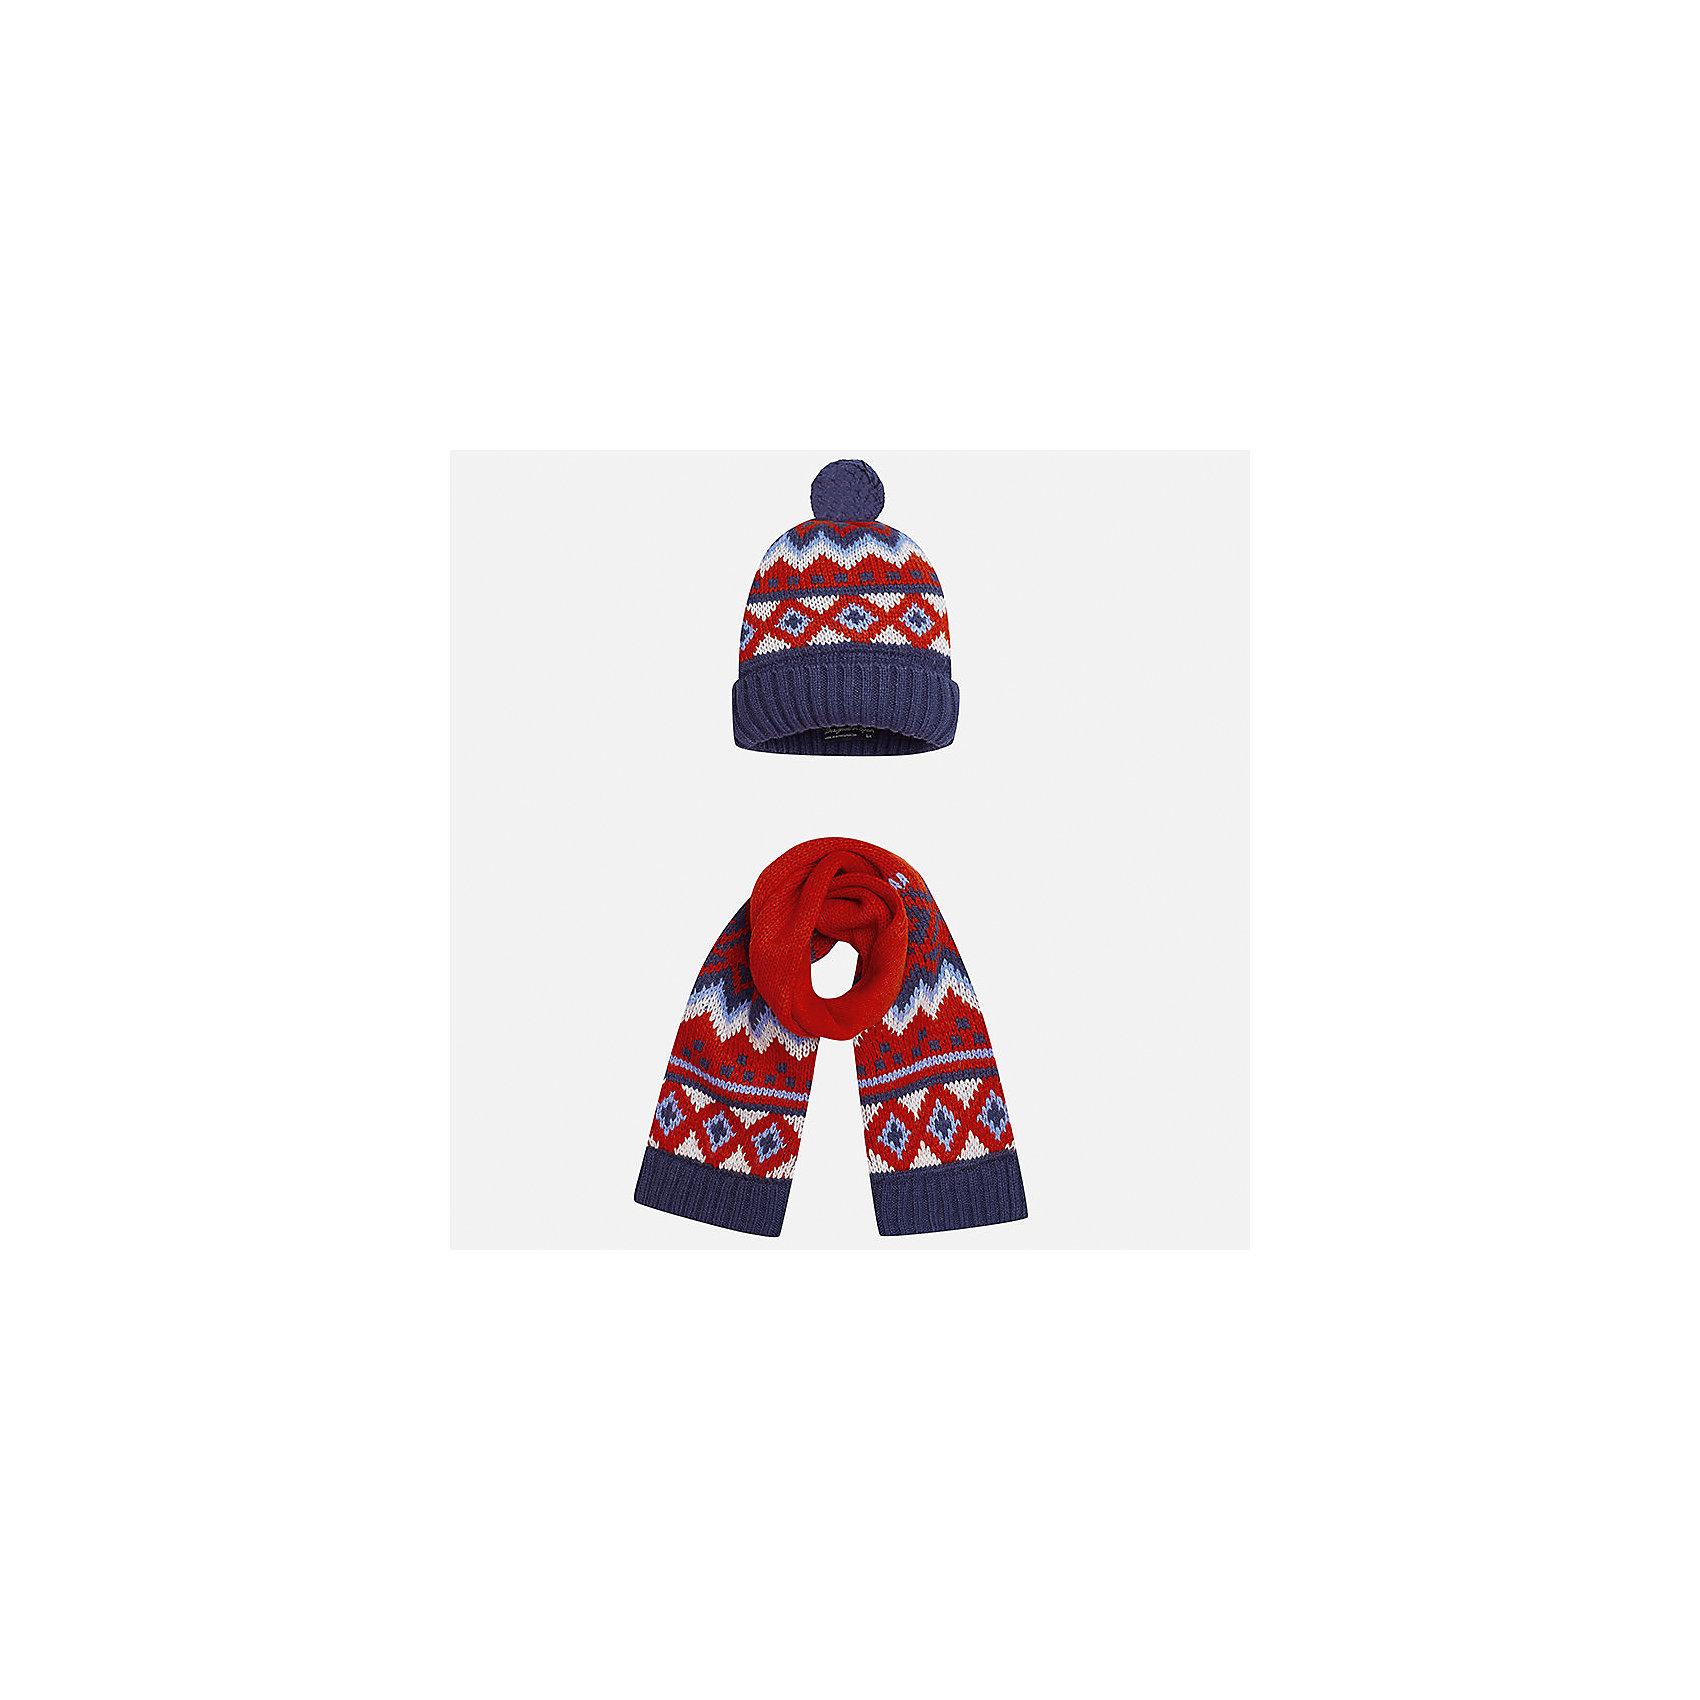 Комплект: шапка и шарф Mayoral для мальчикаШарфы, платки<br>Характеристики товара:<br><br>• цвет: красный<br>• состав ткани: 85% акрил, 15% шерсть<br>• сезон: демисезон<br>• комплектация: шапка, шарф<br>• страна бренда: Испания<br>• страна изготовитель: Индия<br><br>Демисезонные шапка и шарф для мальчика от популярного бренда Mayoral помогут дополнить наряд и обеспечить комфорт в прохладную погоду. Оригинальный детский комплект из шарфа и шапки смотрится аккуратно и стильно. Для производства таких демисезонных комплектов популярный бренд Mayoral используют только качественную фурнитуру и материалы. Оригинальные и модные шапка и шарф от Майорал привлекут внимание и понравятся детям.<br><br>Комплект: шапка и шарф для мальчика Mayoral (Майорал) можно купить в нашем интернет-магазине.<br><br>Ширина мм: 89<br>Глубина мм: 117<br>Высота мм: 44<br>Вес г: 155<br>Цвет: бежевый<br>Возраст от месяцев: 12<br>Возраст до месяцев: 18<br>Пол: Мужской<br>Возраст: Детский<br>Размер: one size<br>SKU: 6939074